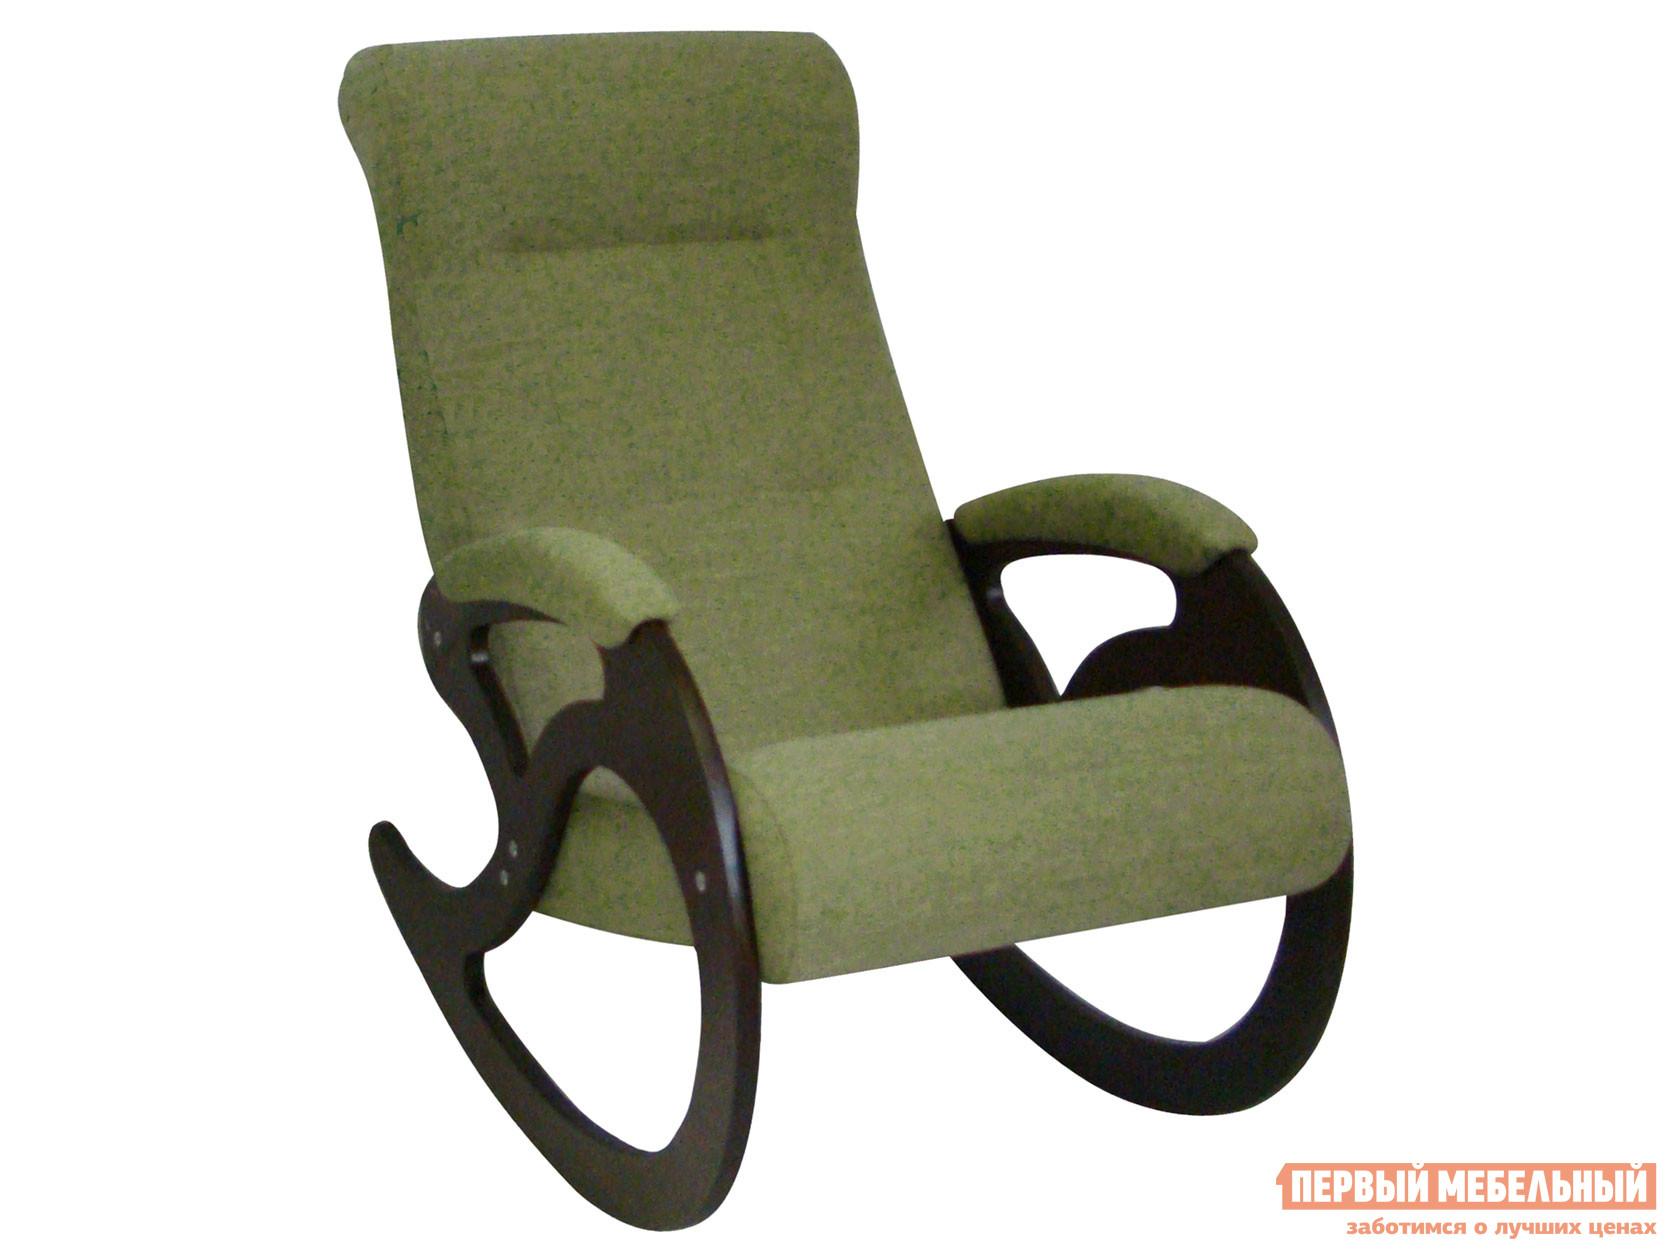 Кресло-качалка  Кресло качалка Венера Темный орех / Оливковый, рогожка Мебвилл 127330